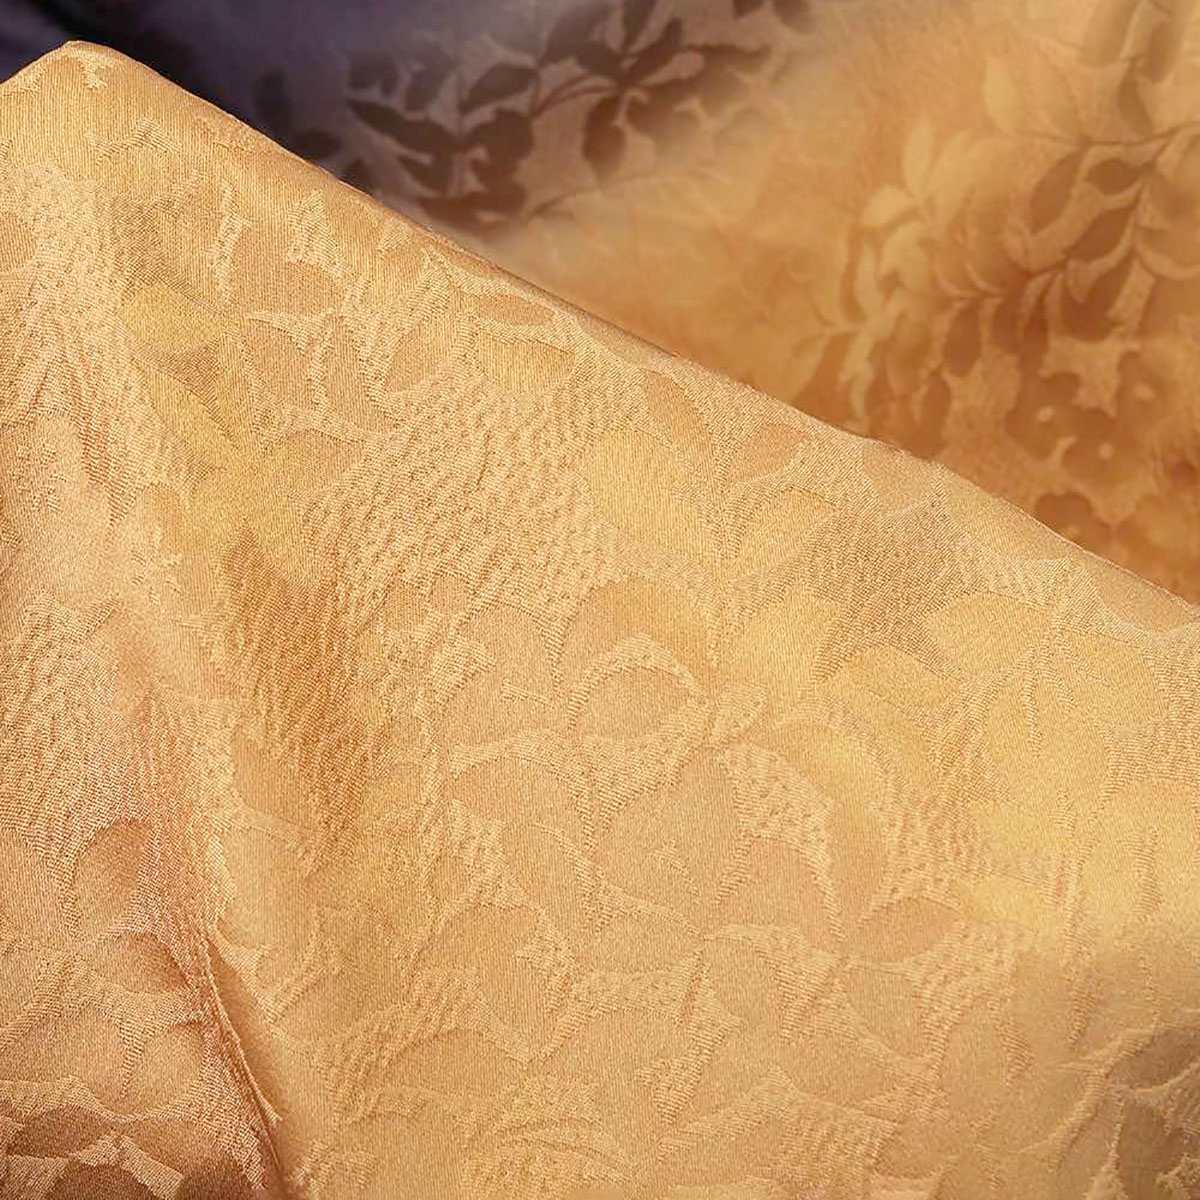 【成人式】 [安心の長期間レンタル]【対応身長155cm〜170cm】レンタル振袖フルセット-939|花柄|レトロ|クール系|黄色系|茶色系|桜|金彩|地模様